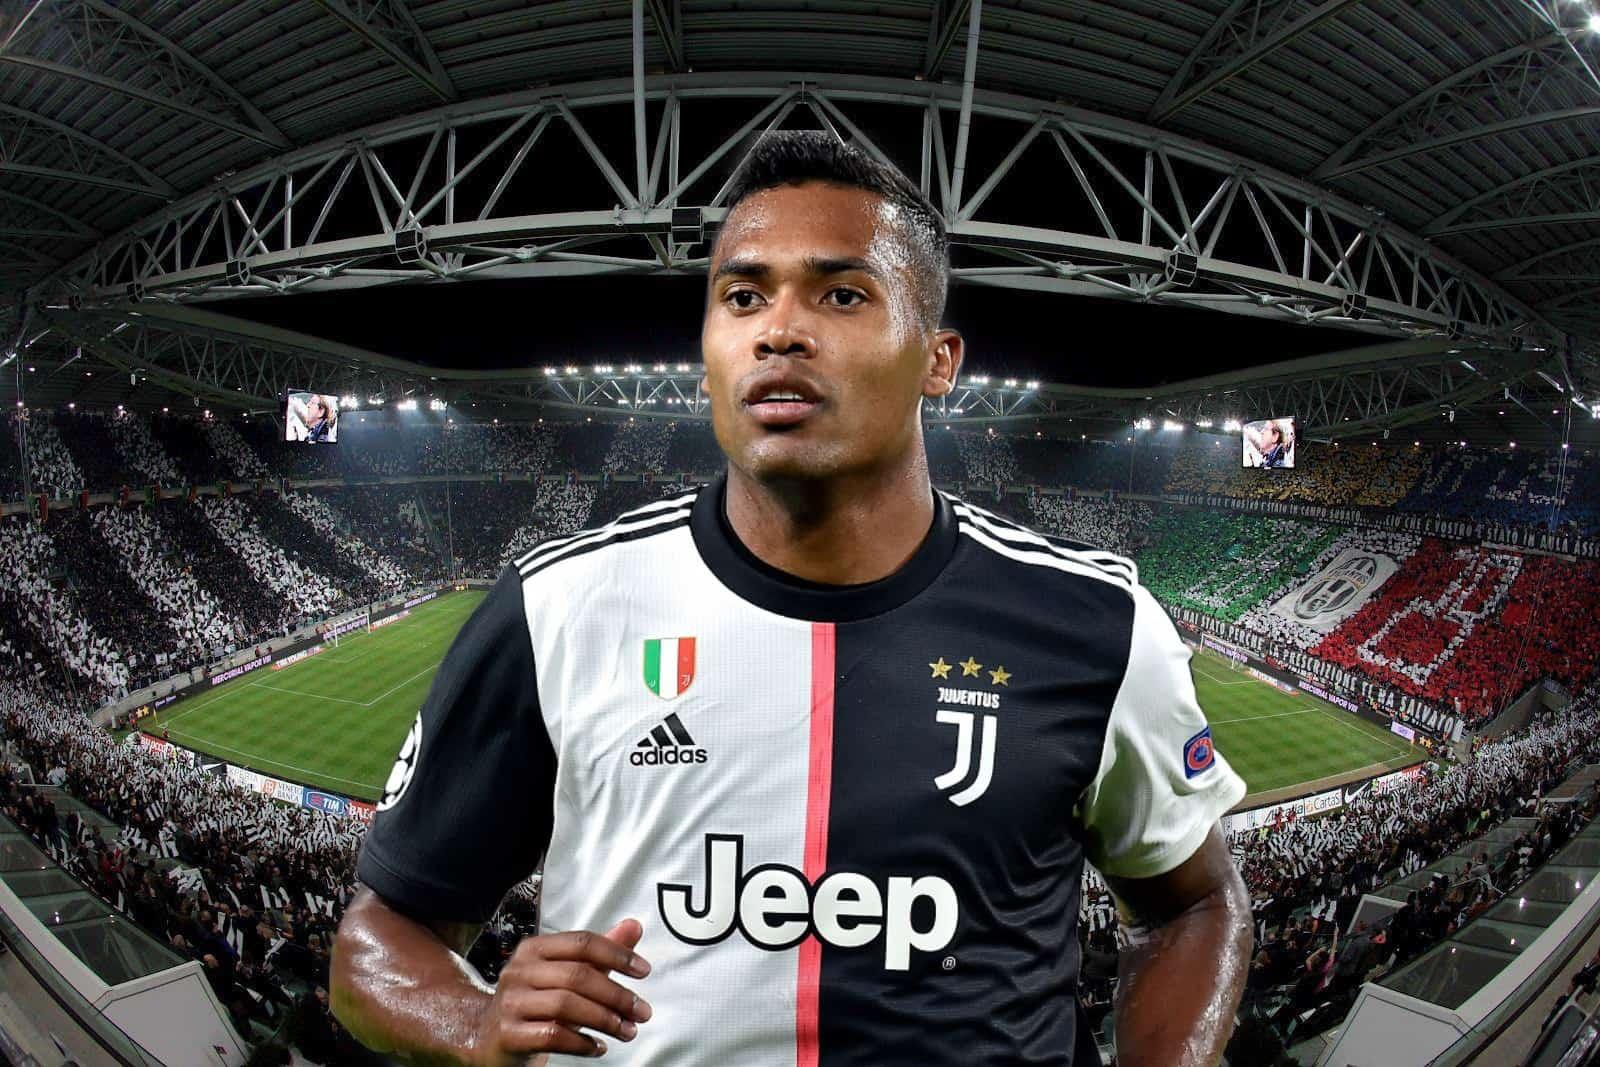 Milan Juventus 4 2, i tifosi contro Sarri: il tecnico sommer